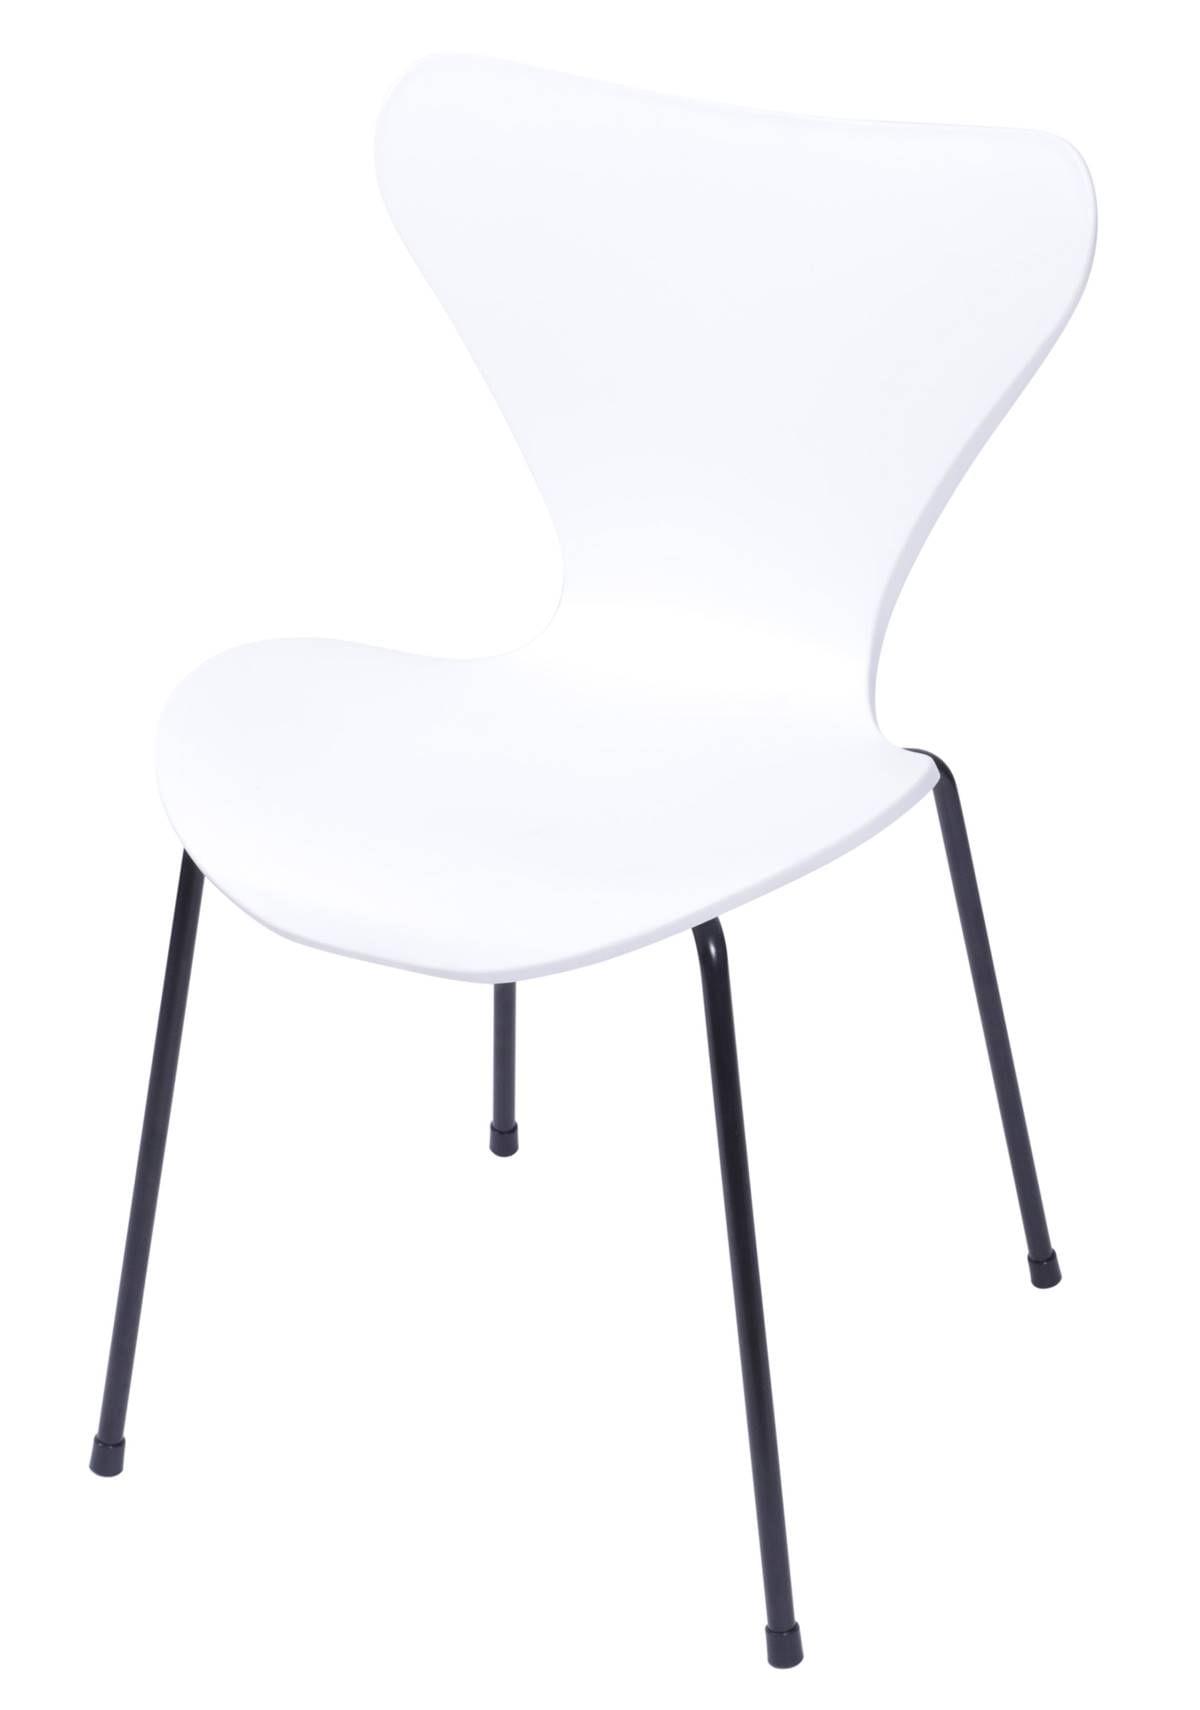 Cadeira Jacobsen Series 7 Polipropileno Branco com Base Metal - 55942